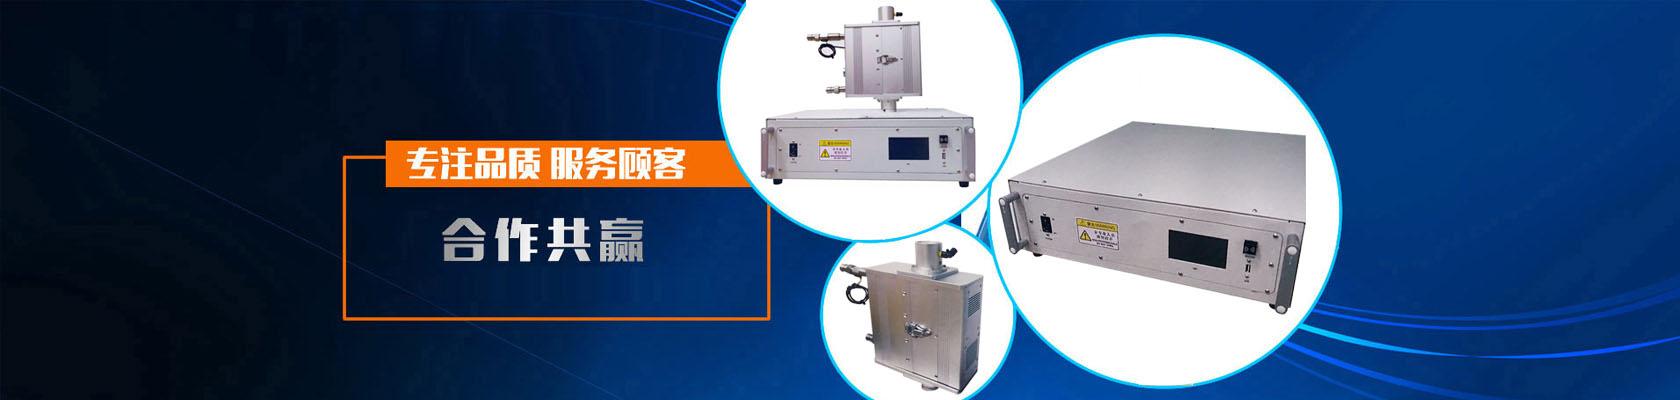 南通芯诺光电科技有限公司